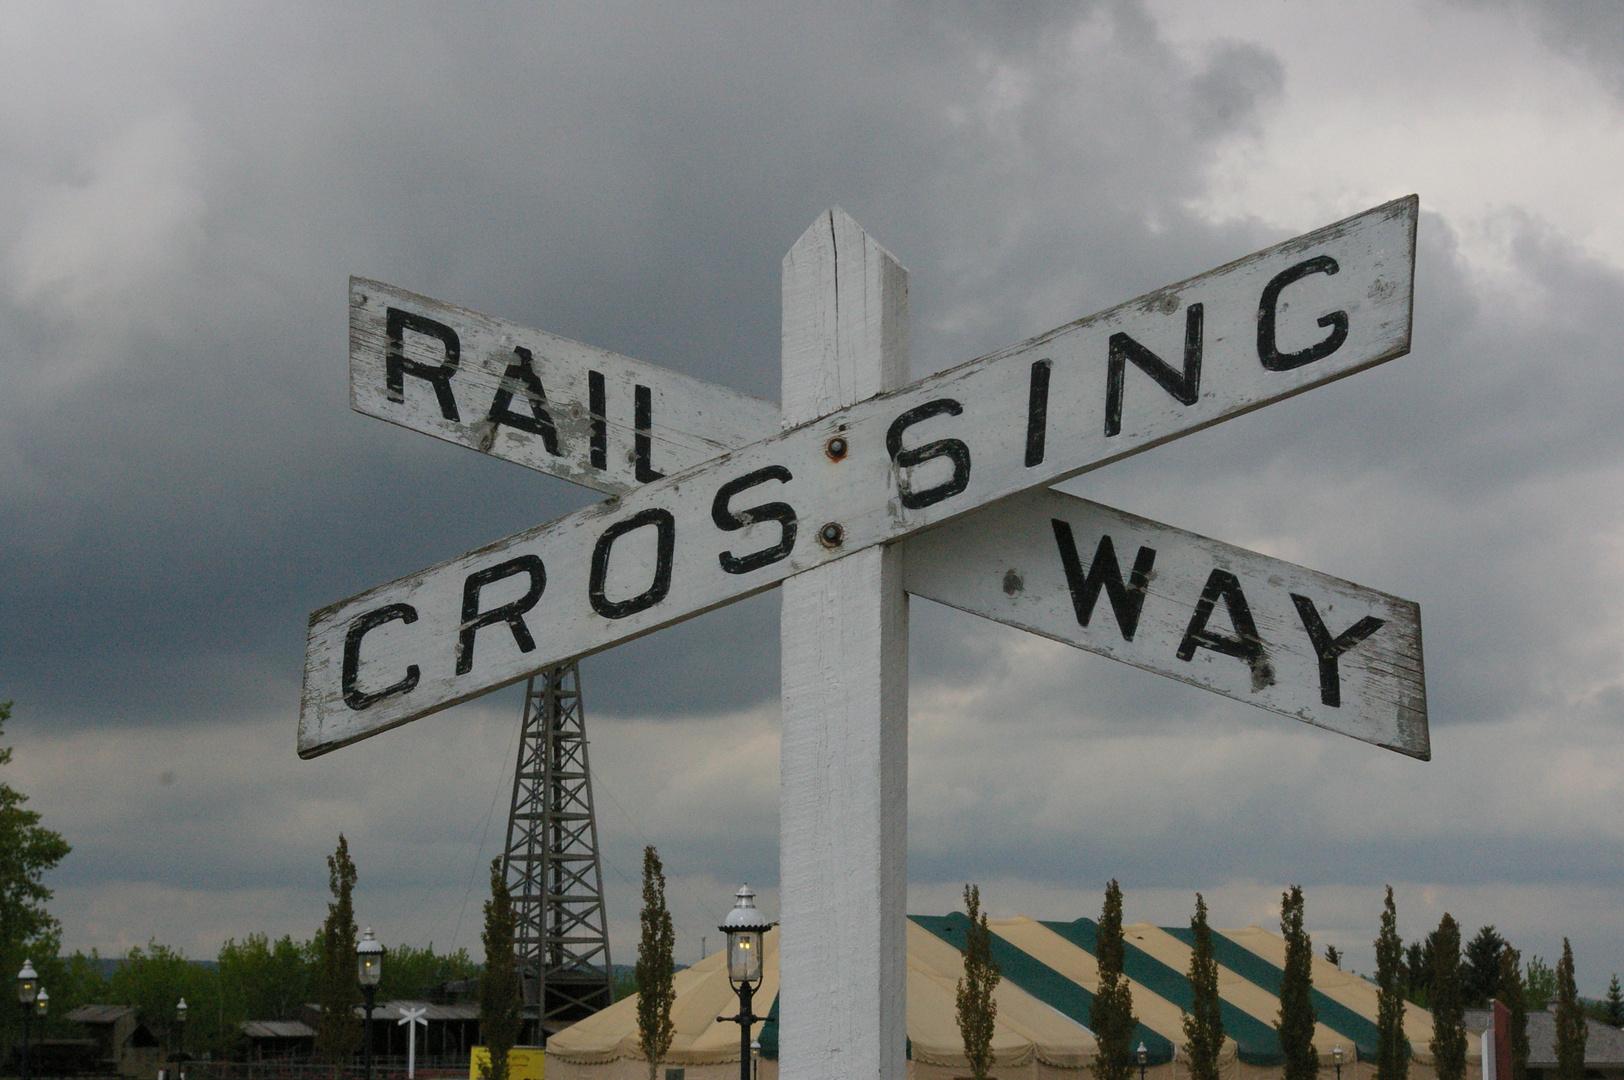 Vorsicht Eisenbahn